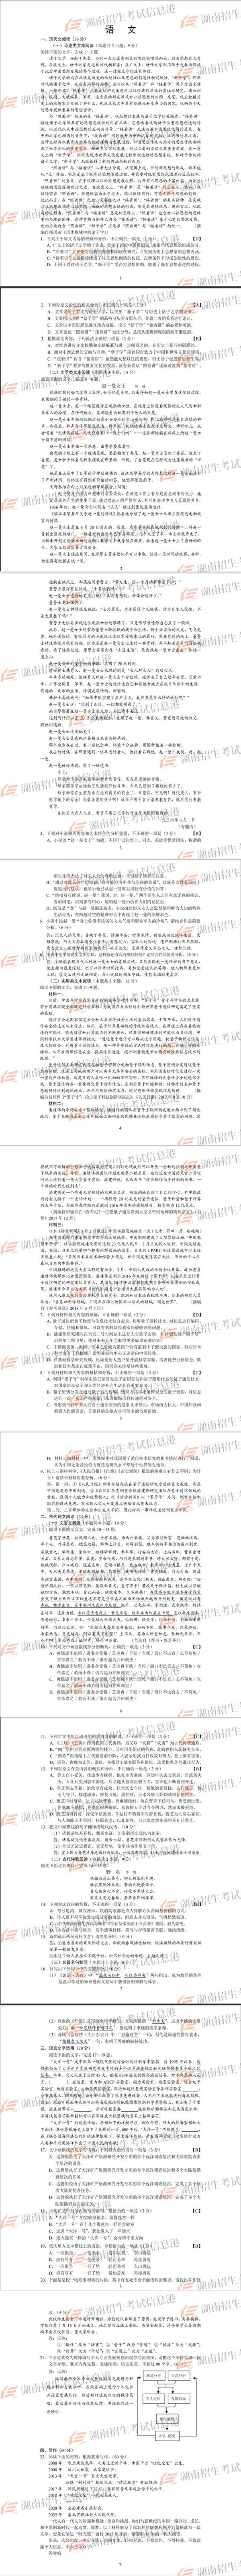 2018广东高考语文试题及答案